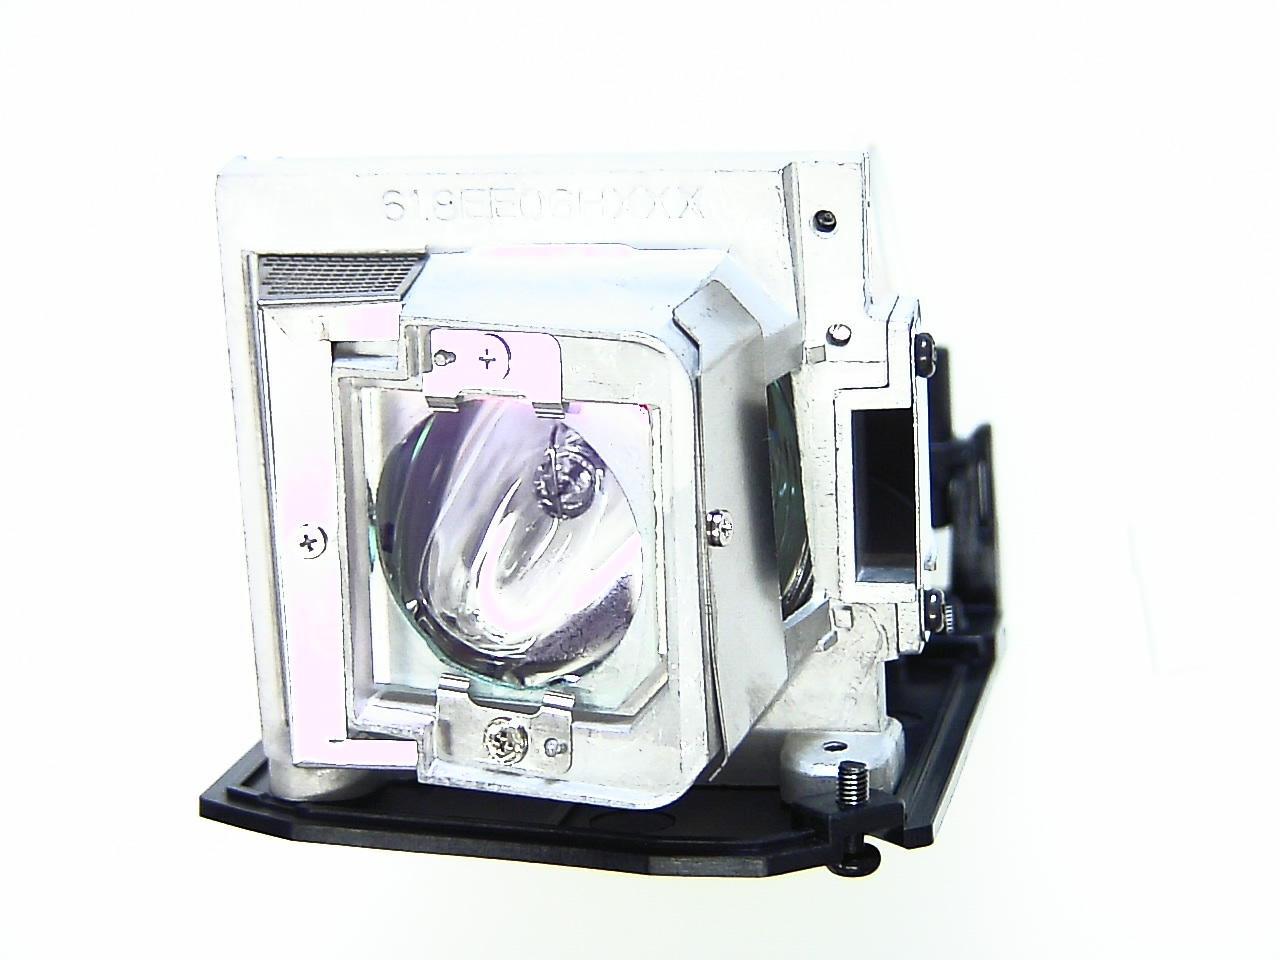 Lámpara ACER H7530